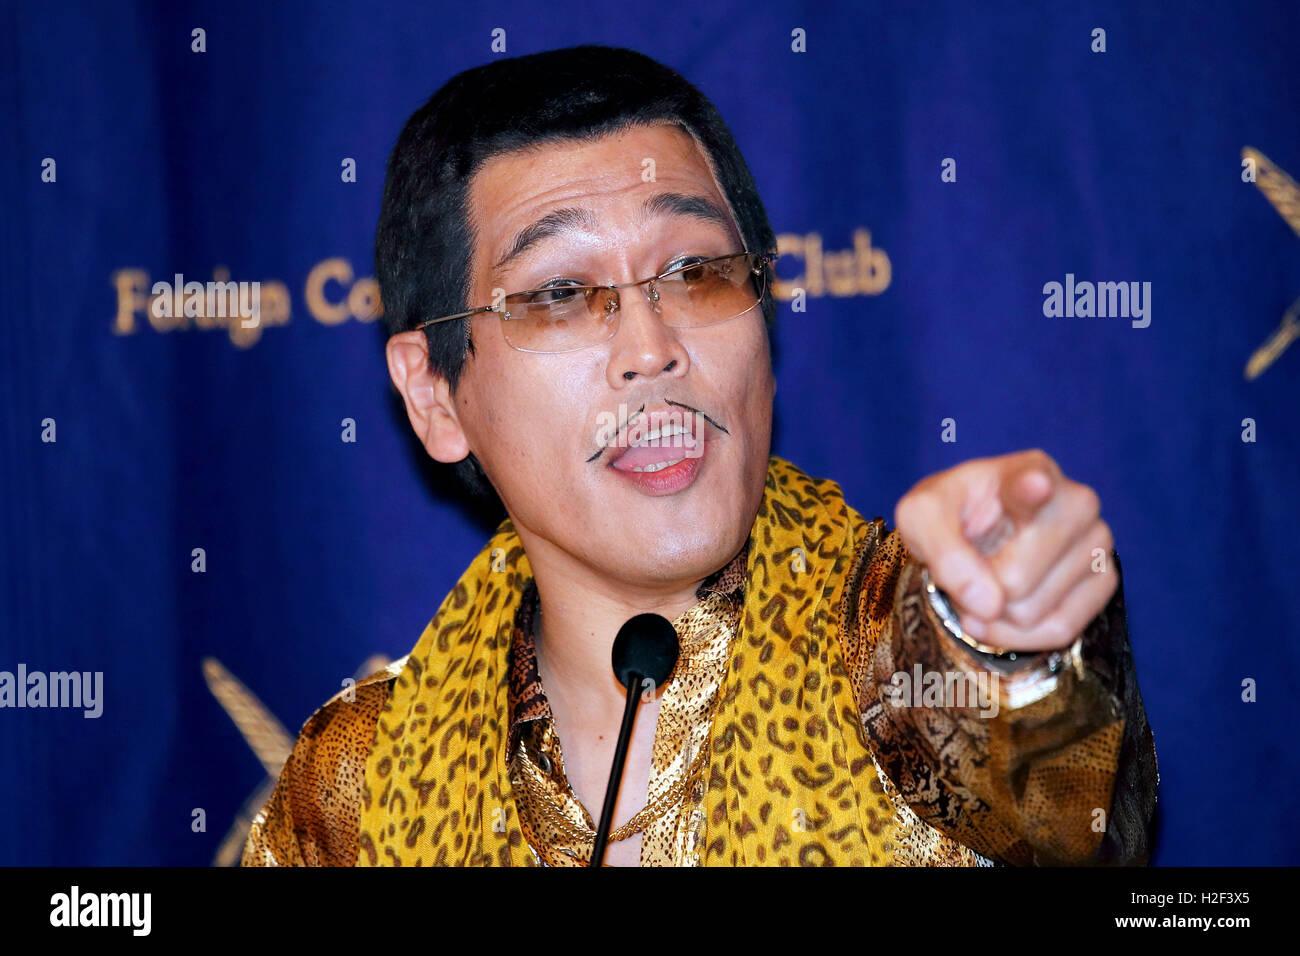 Tokyo, Japon. 28 octobre, 2016. Le comédien japonais Pikotaro Piko (Taro) prend la parole lors d'une conférence Photo Stock